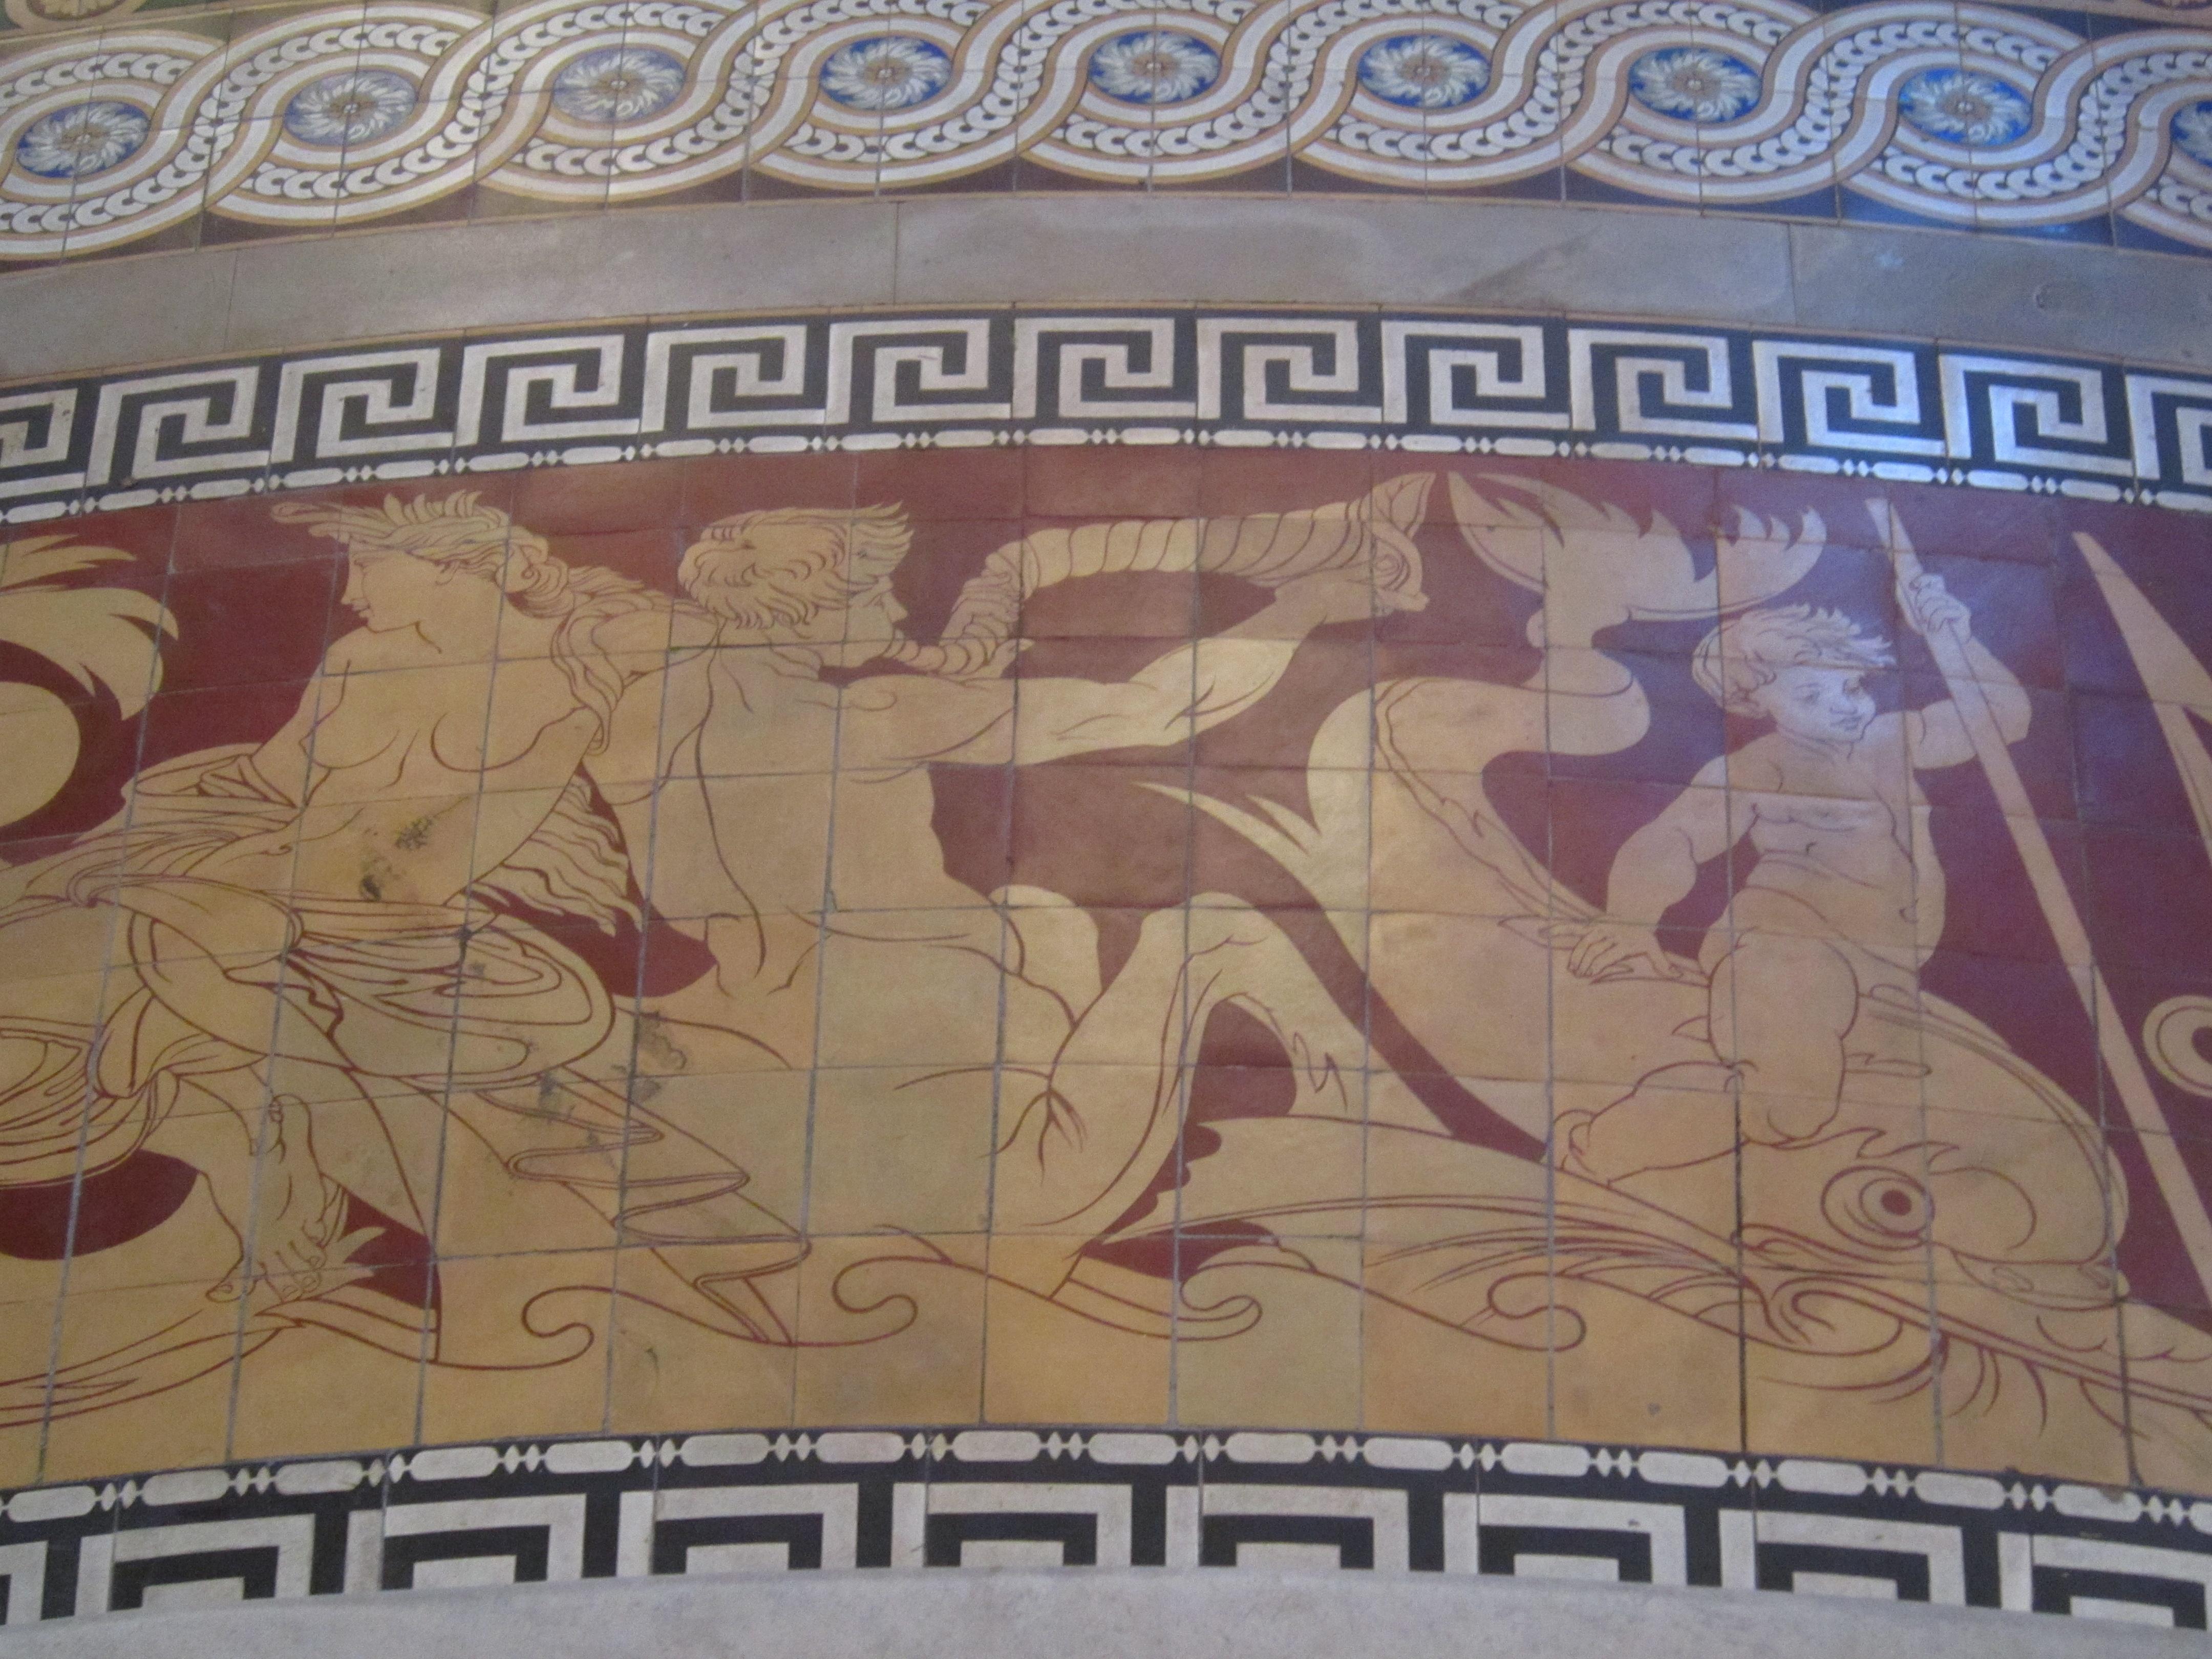 Minton tile detail